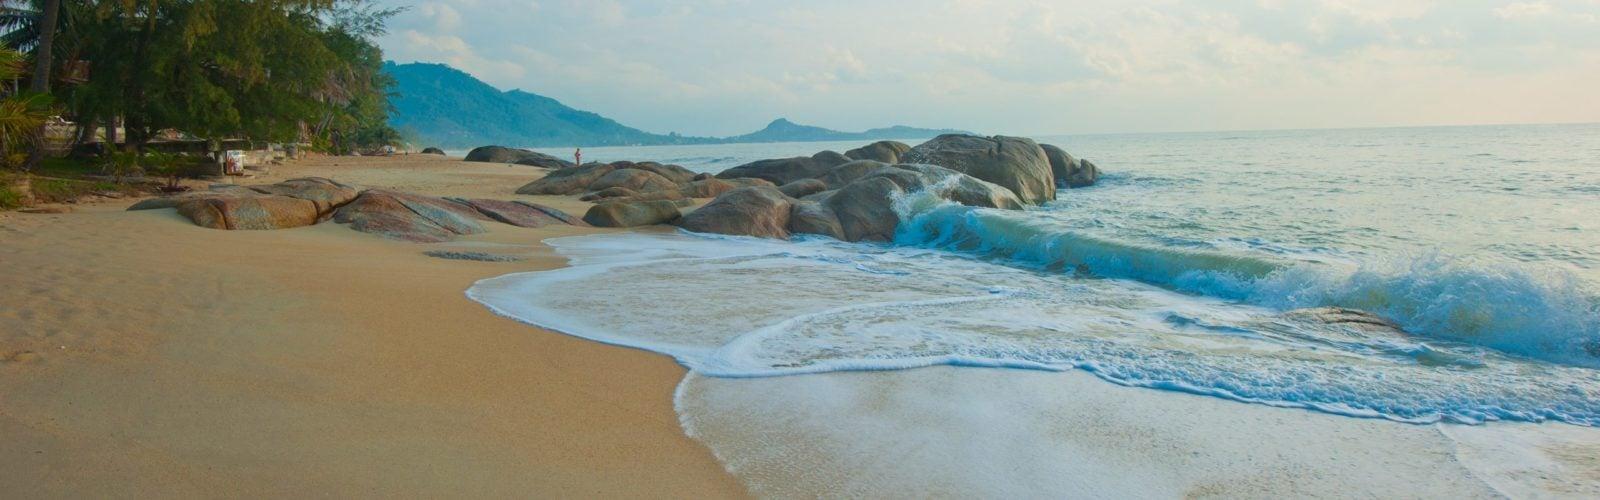 Lamai Beach Koh Samui, Thailand